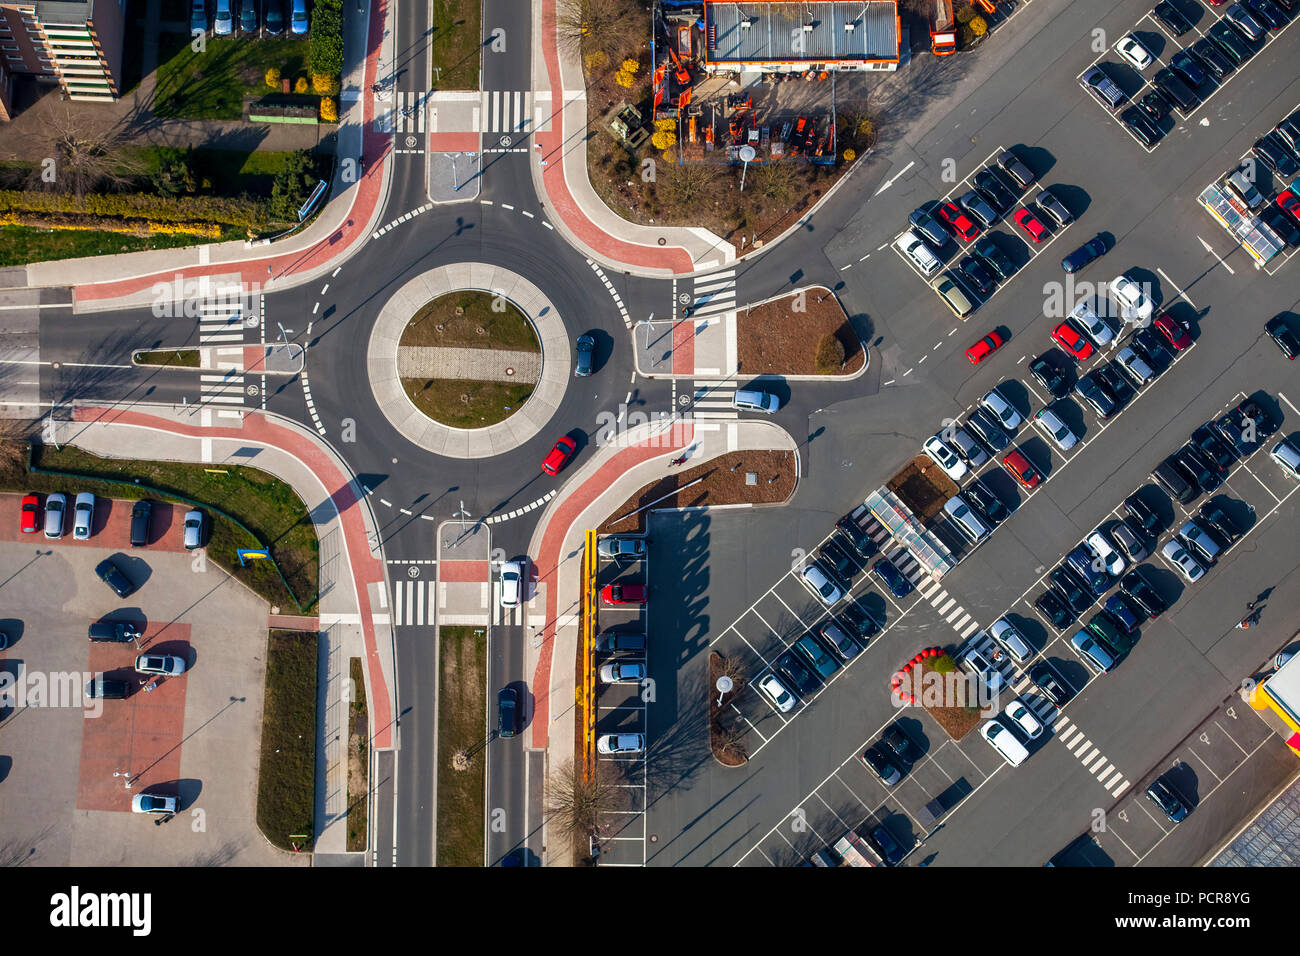 Neue Kreisverkehr auf der Bochumer Straße gegenüber von Hornbach, Fußgängerüberwegen, Parkplatz, Fahrradverleih, Markierungen, Fahrbahnmarkierungen, Herne, Ruhrgebiet, Nordrhein-Westfalen, Deutschland Stockbild